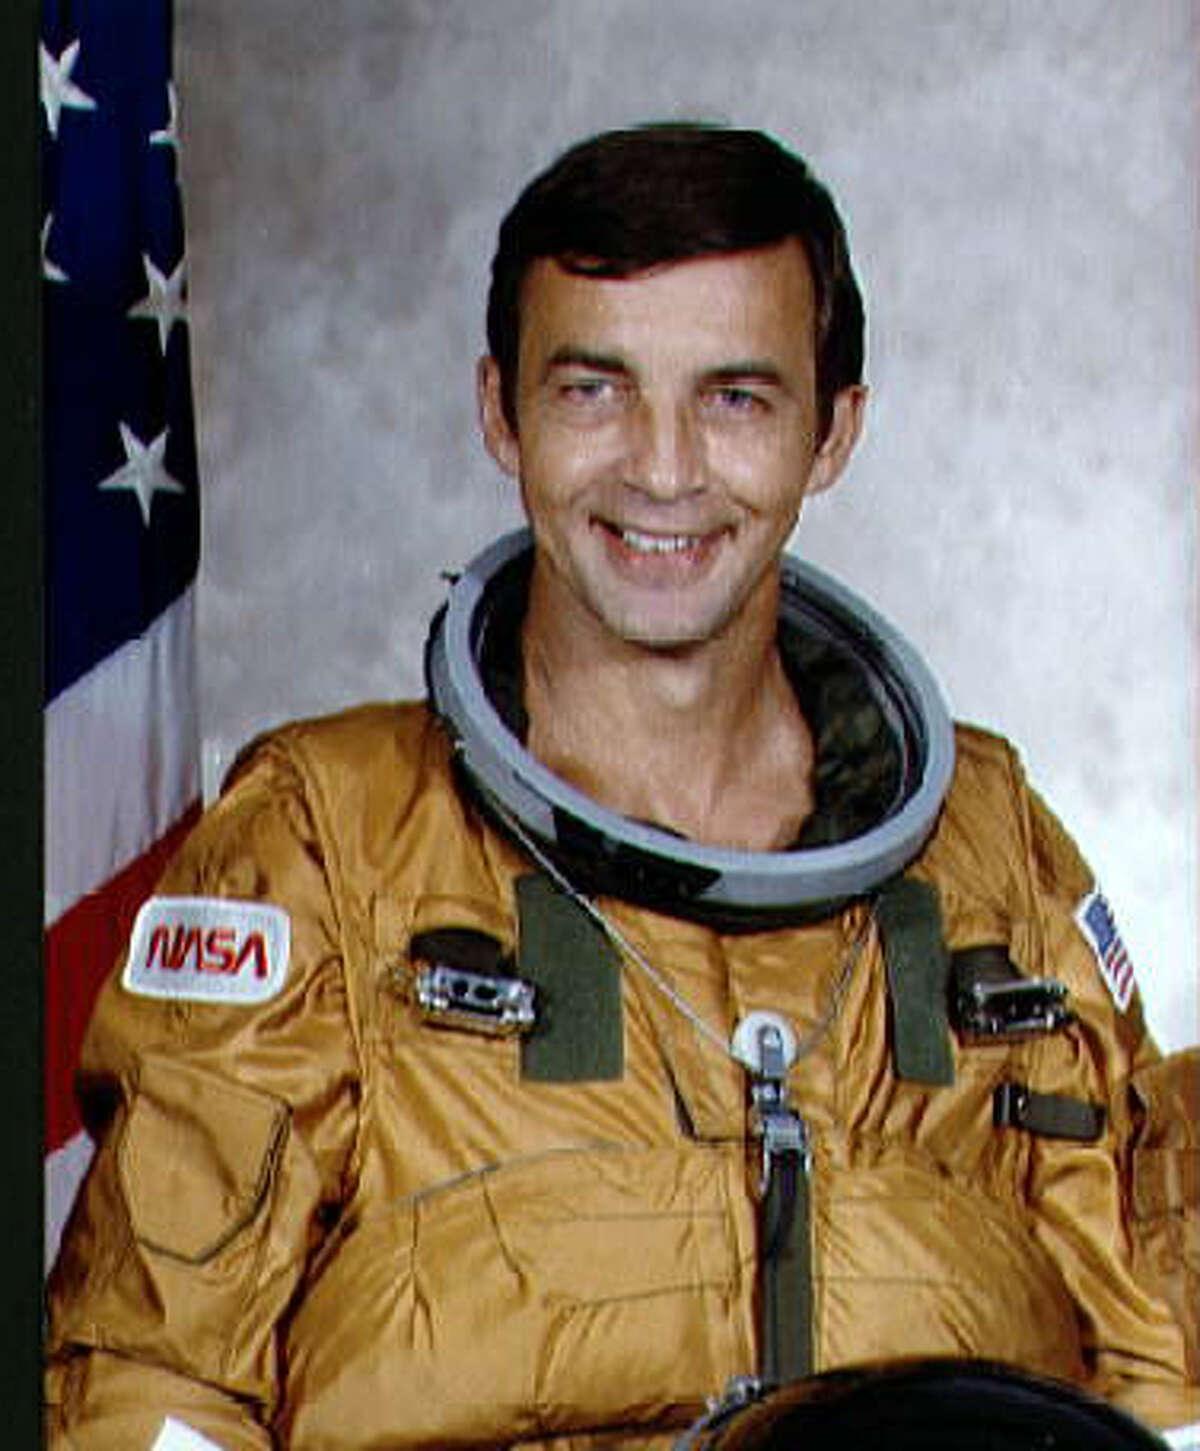 Space Shuttle astronaut Don Peterson